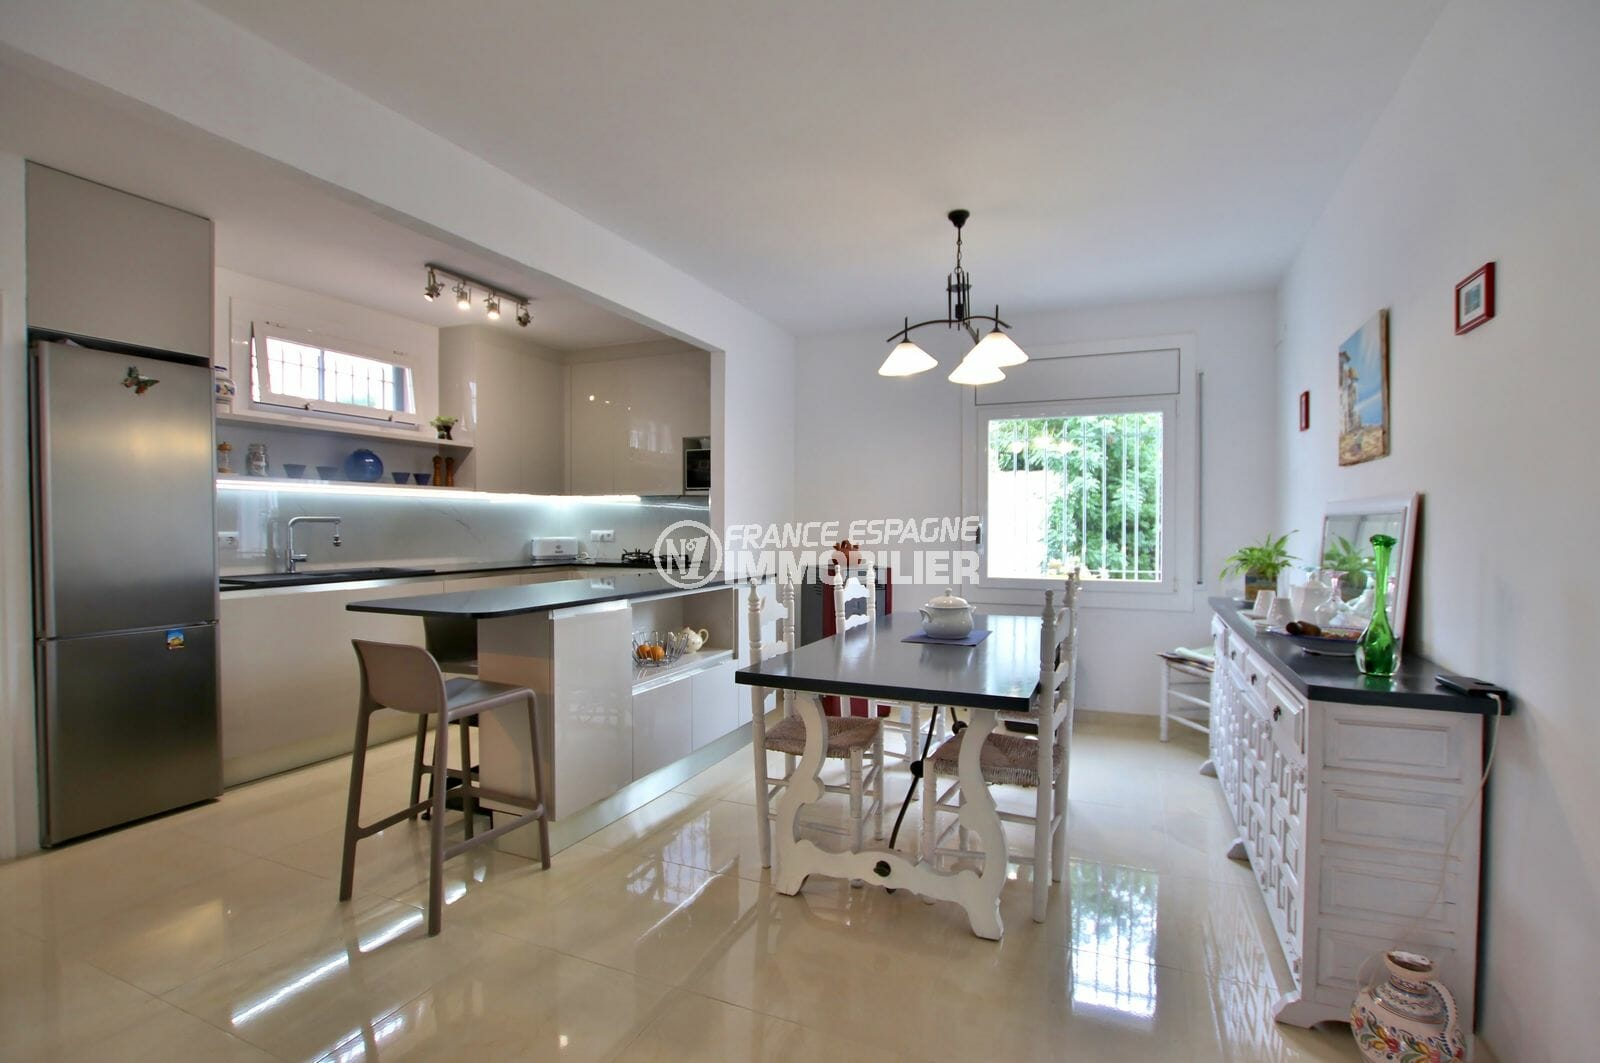 maison a vendre espagne, piscine, cuisine américaine ouverte sur le salon / séjour